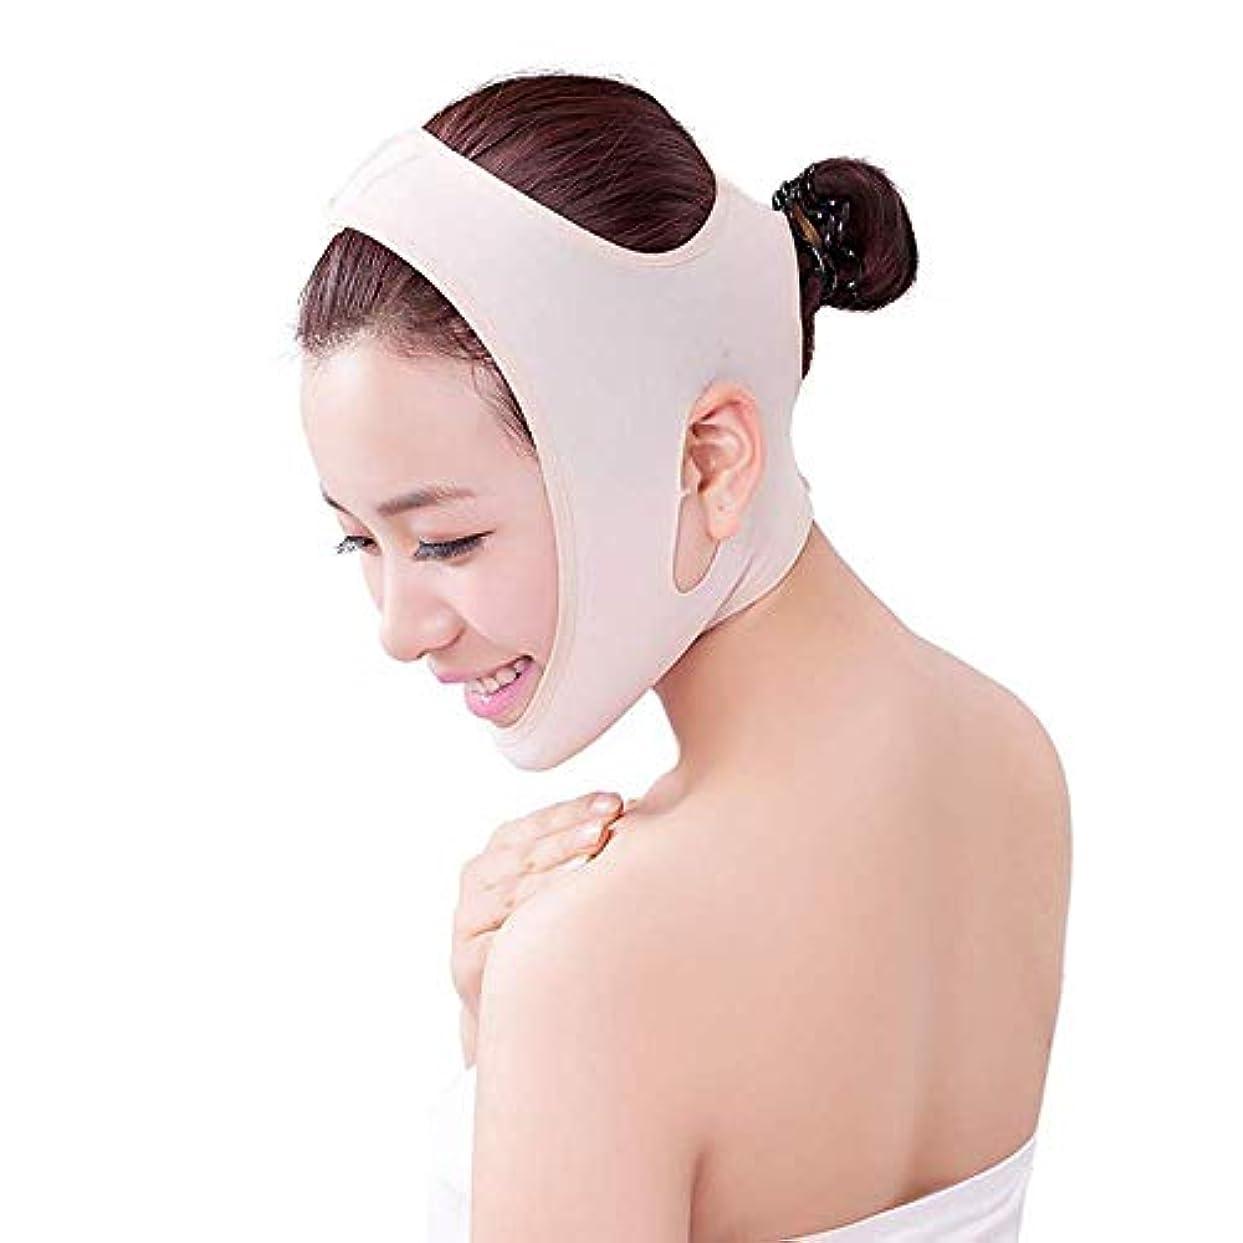 横に足に沿って薄型フェイスベルト - 男性用および女性用の包帯をフランスの顔用リフティングマスク器具に引き締める薄型フェイスVフェイス薄型ダブルチンフェイスリフティングベルト(サイズ:M),M